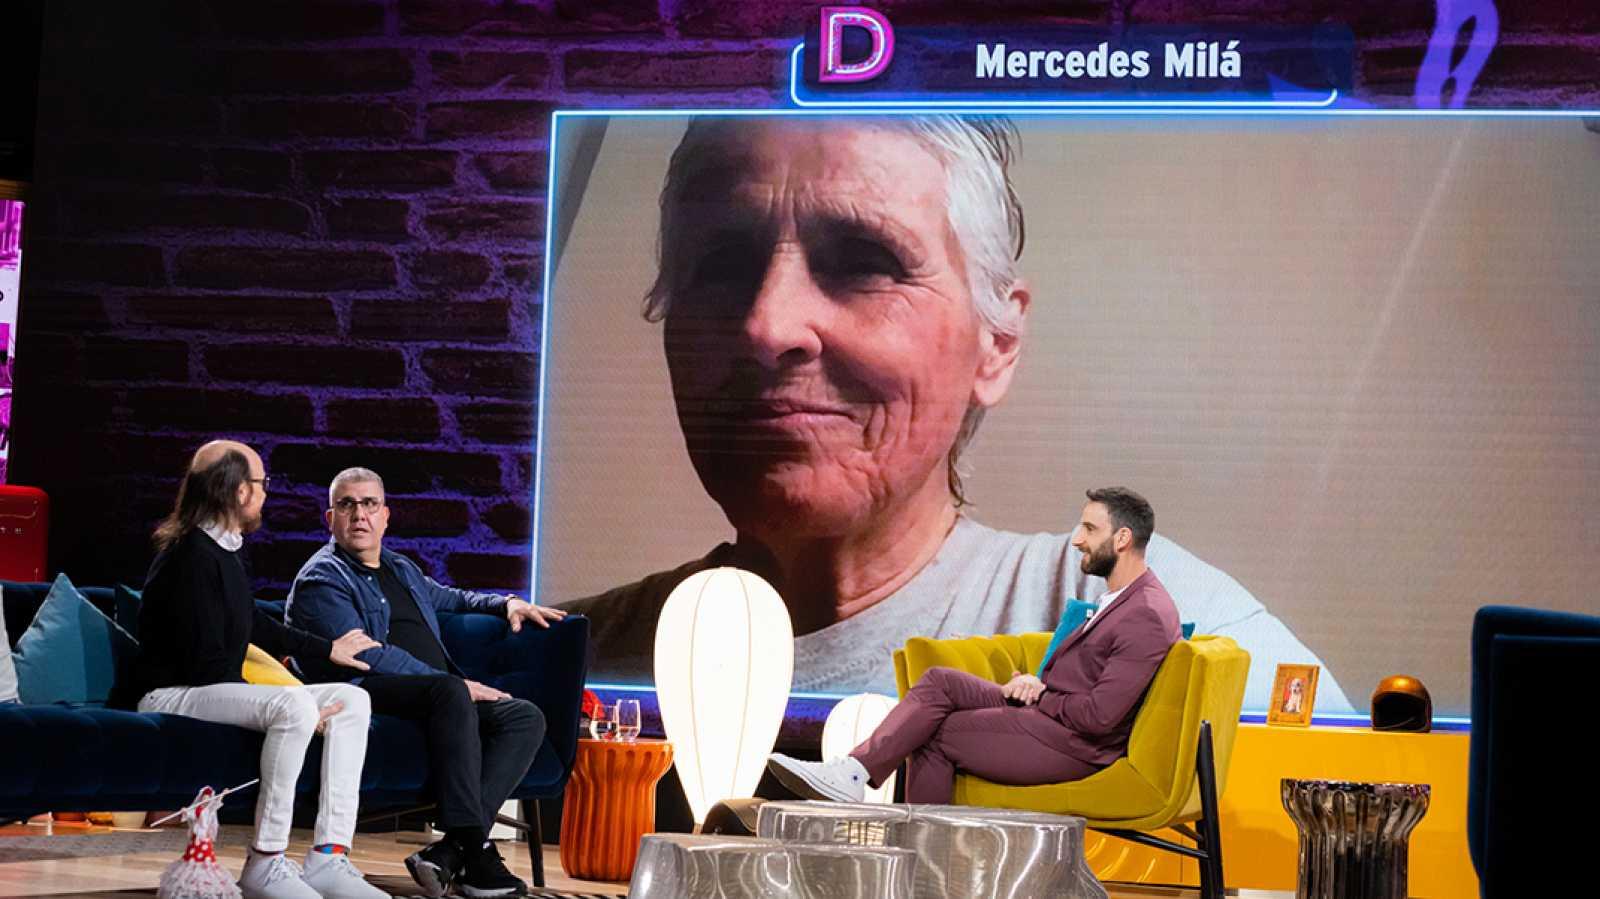 La noche D - Mercedes Milá lanza el guante para volver a TVE